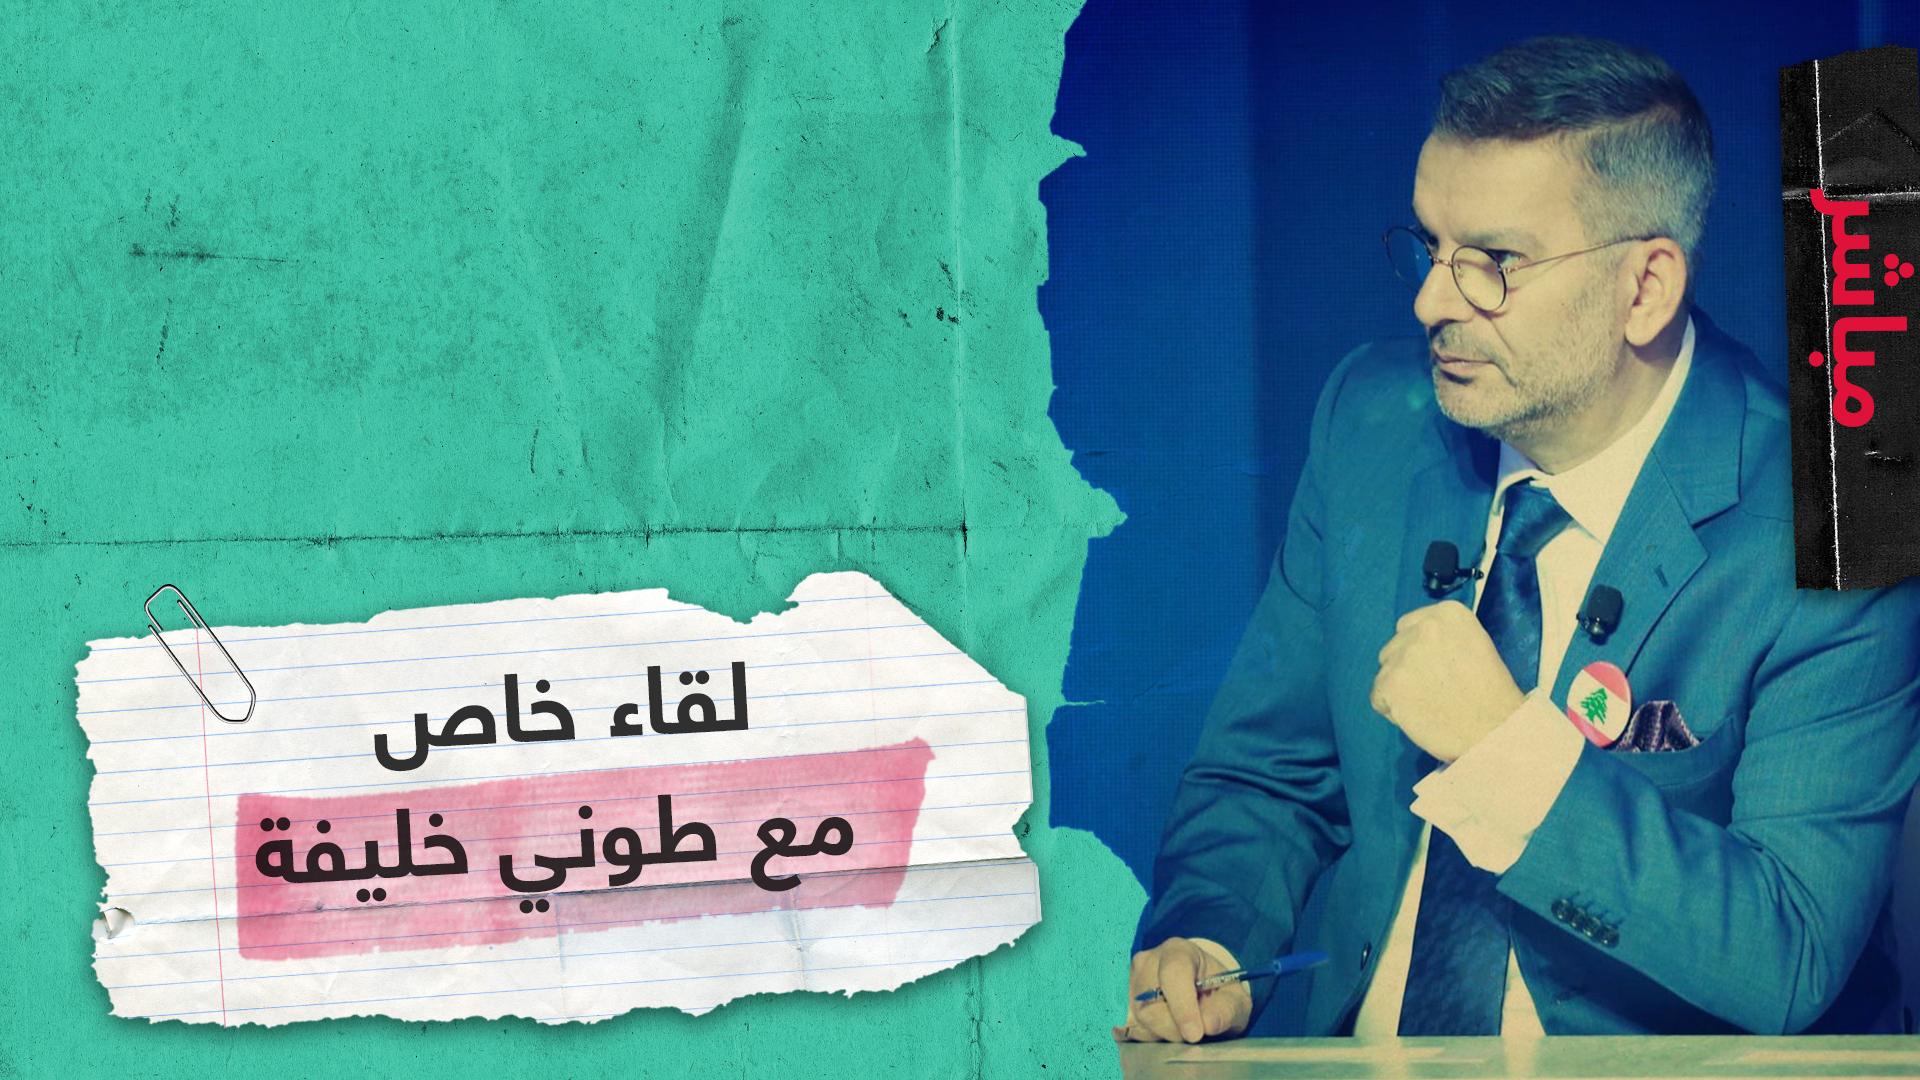 لقاء خاص مع الإعلامي اللبناني طوني خليفة